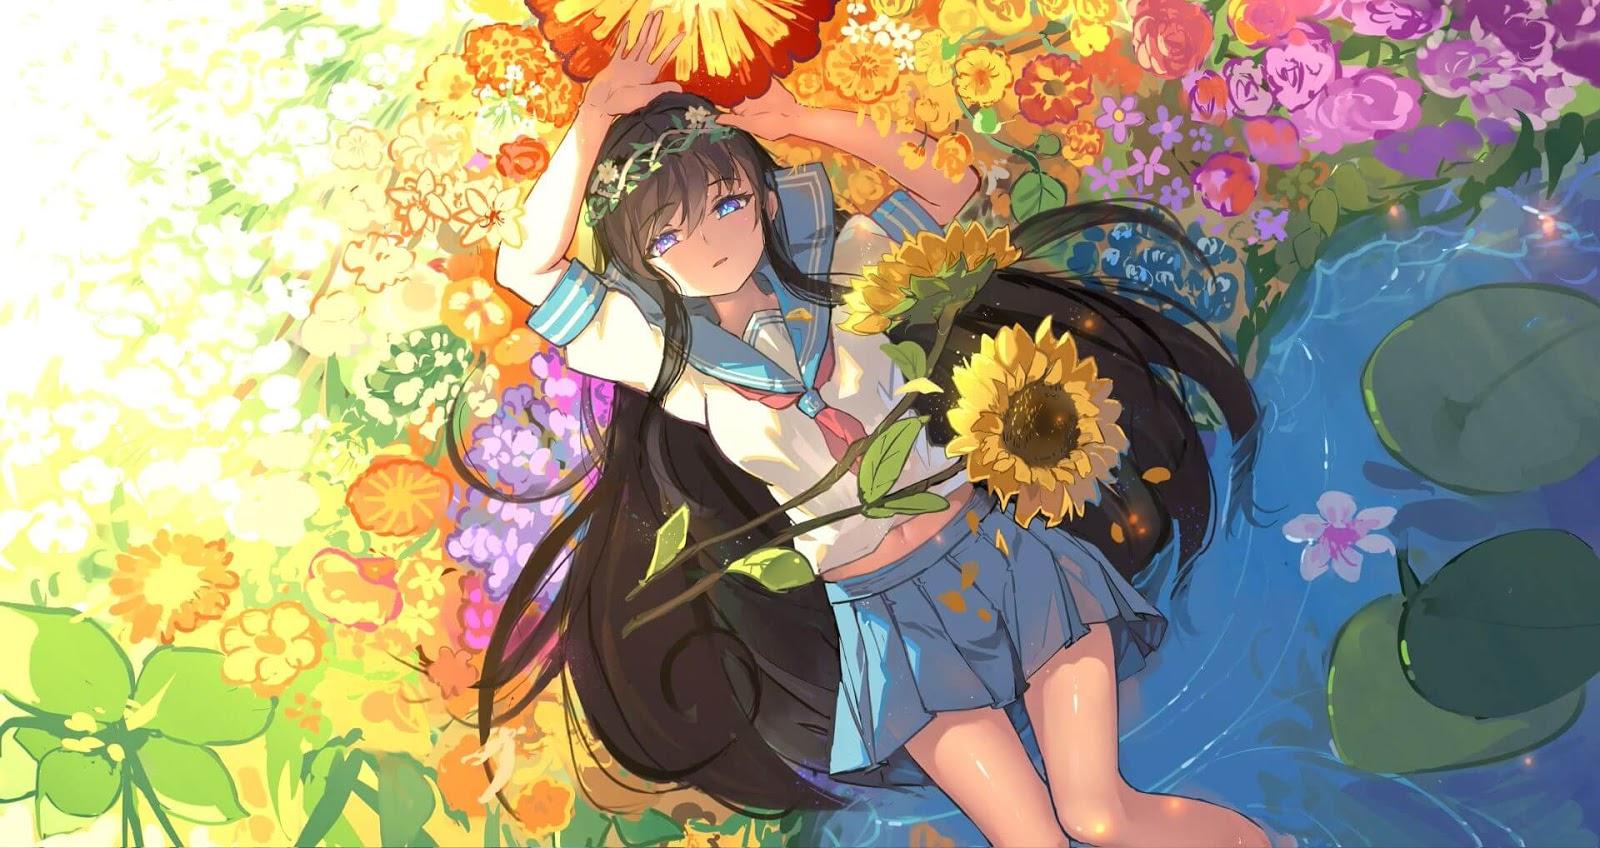 Flower girl 花弁と女の子【4k】 wallpaper engine anime